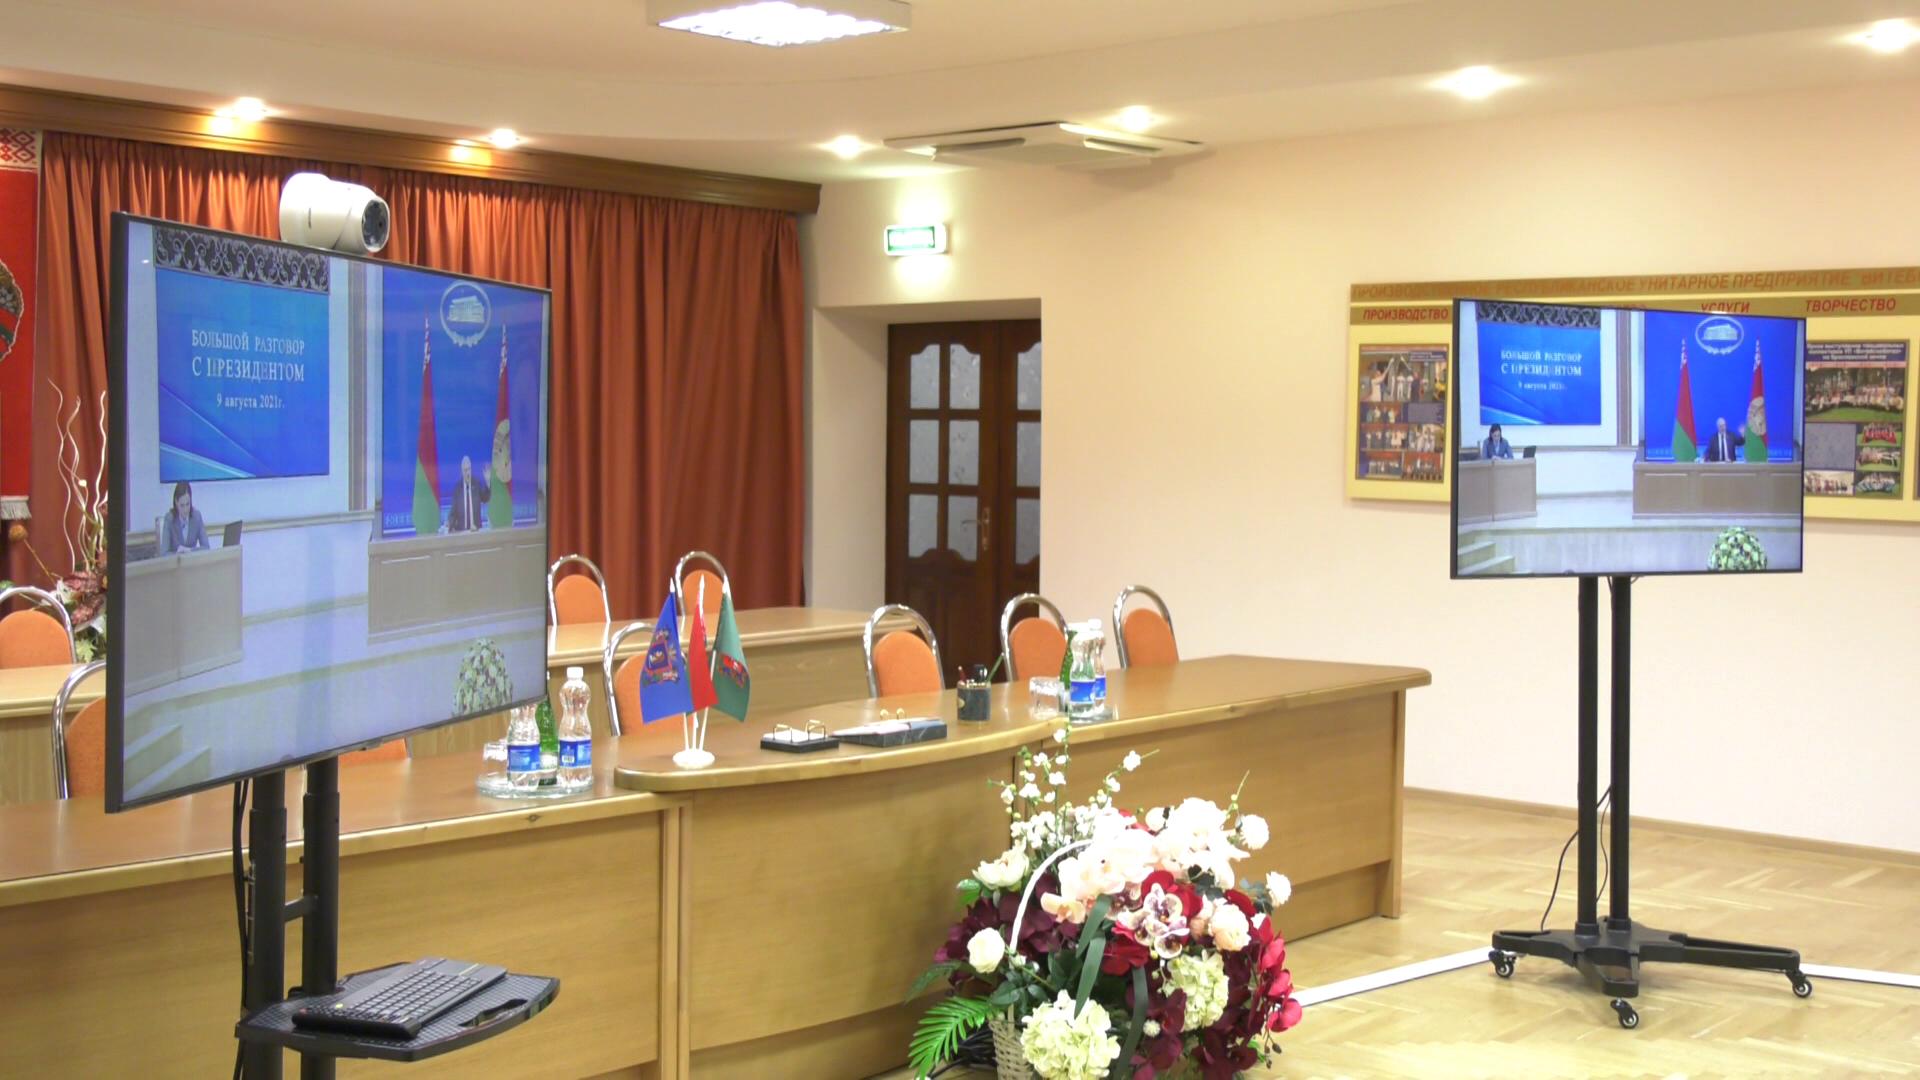 razgovor - Большой разговор с Президентом (09.08.2021)